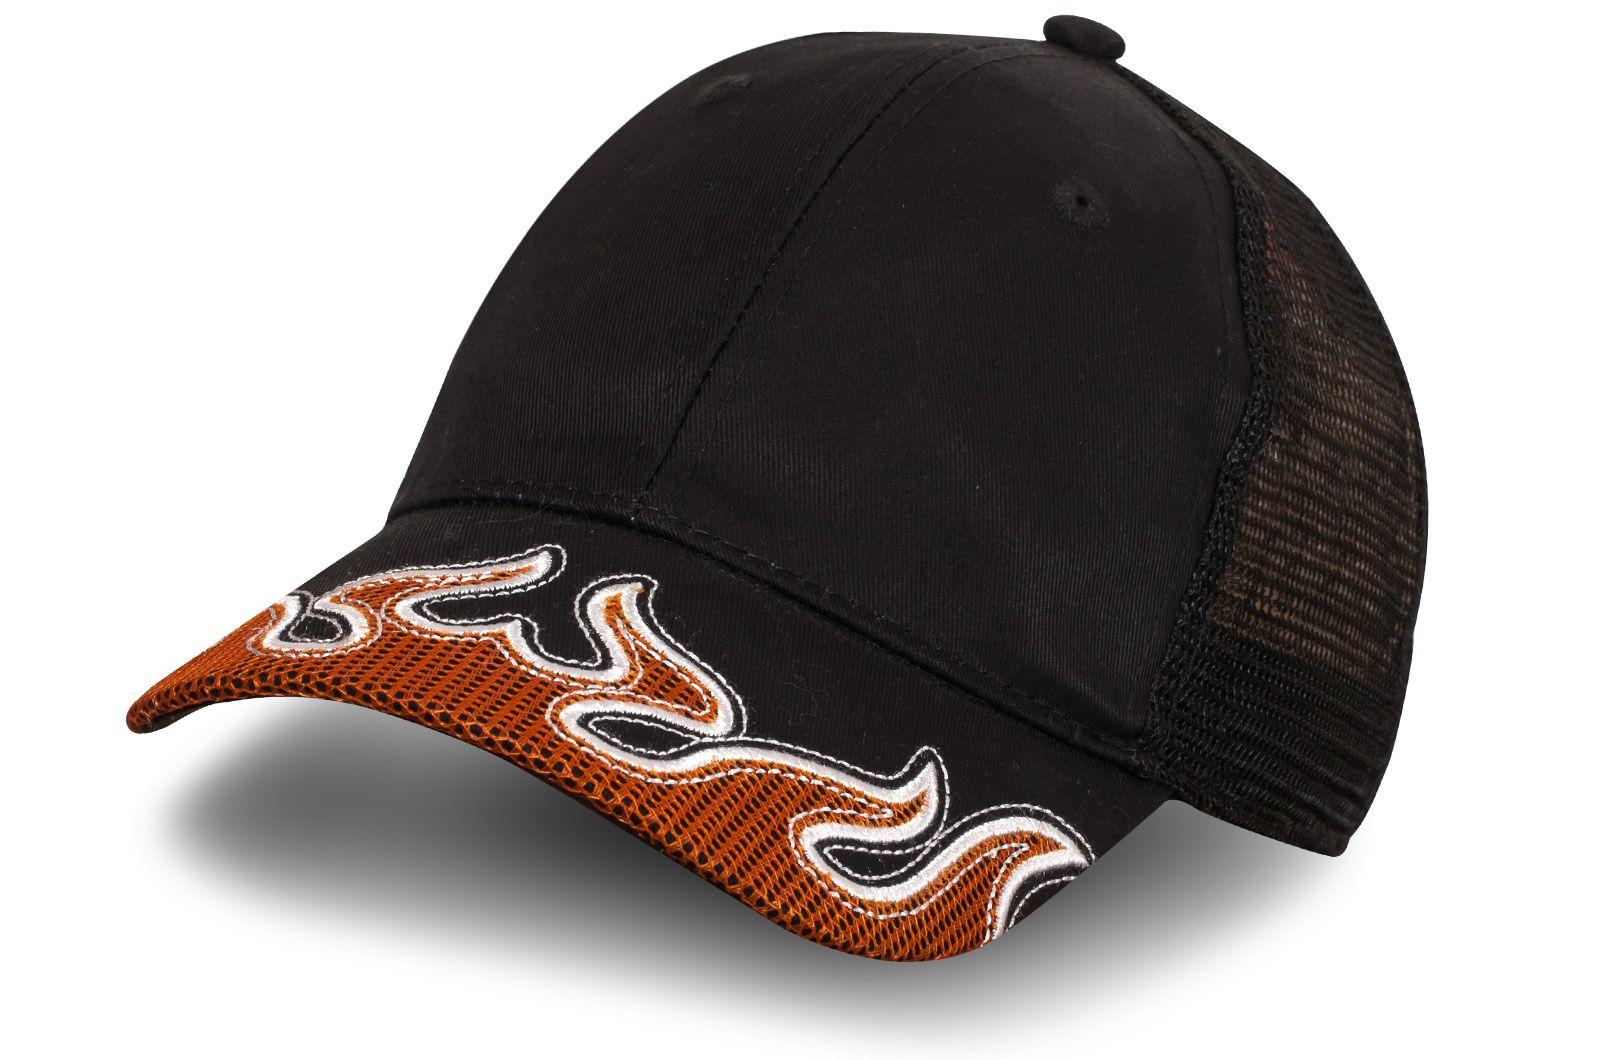 """Черная кепка """"Призрачный гонщик"""" - купить в интернет-магазине с доставкой"""